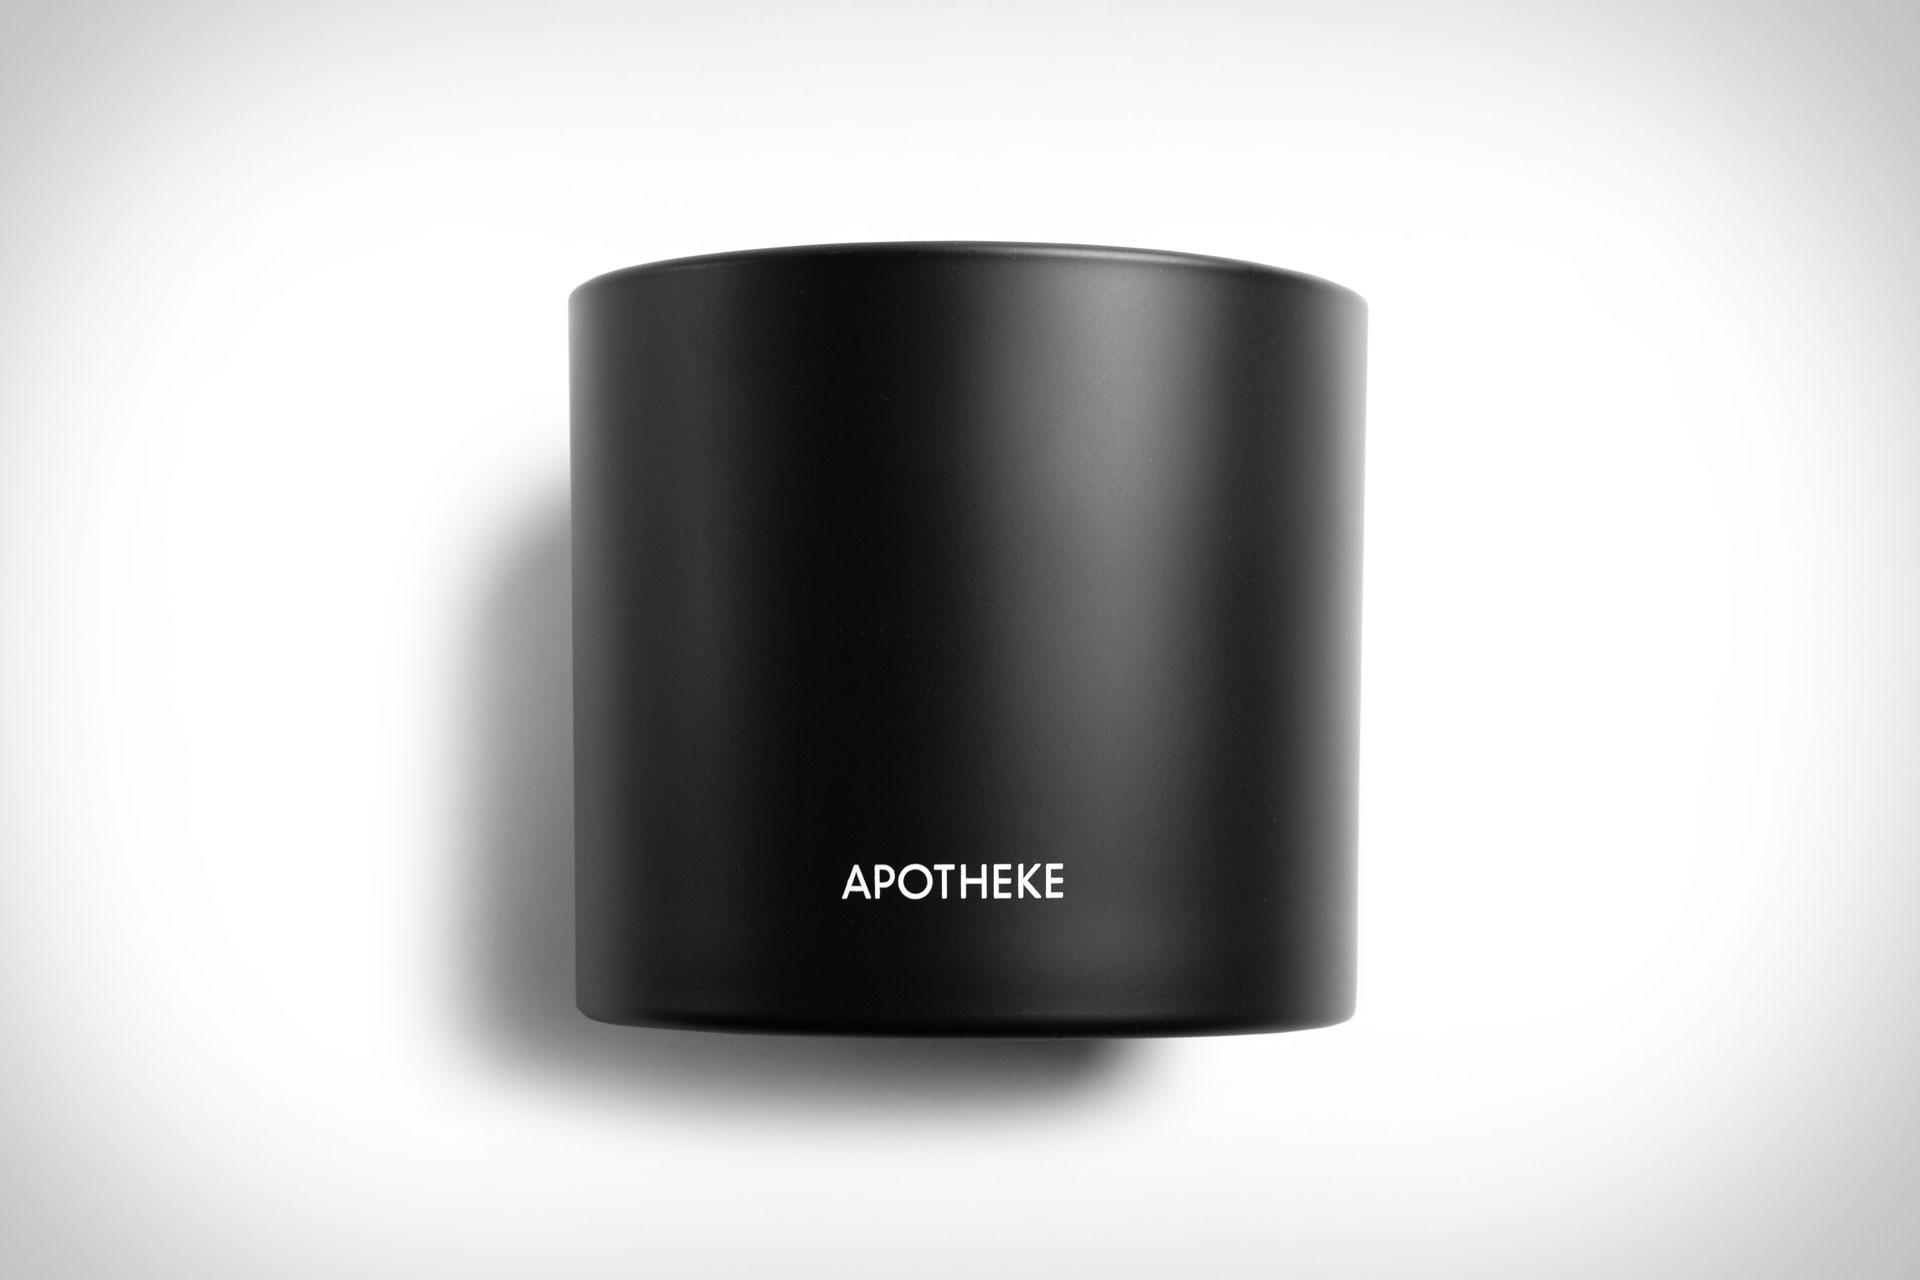 Apotheke Charcoal Candle